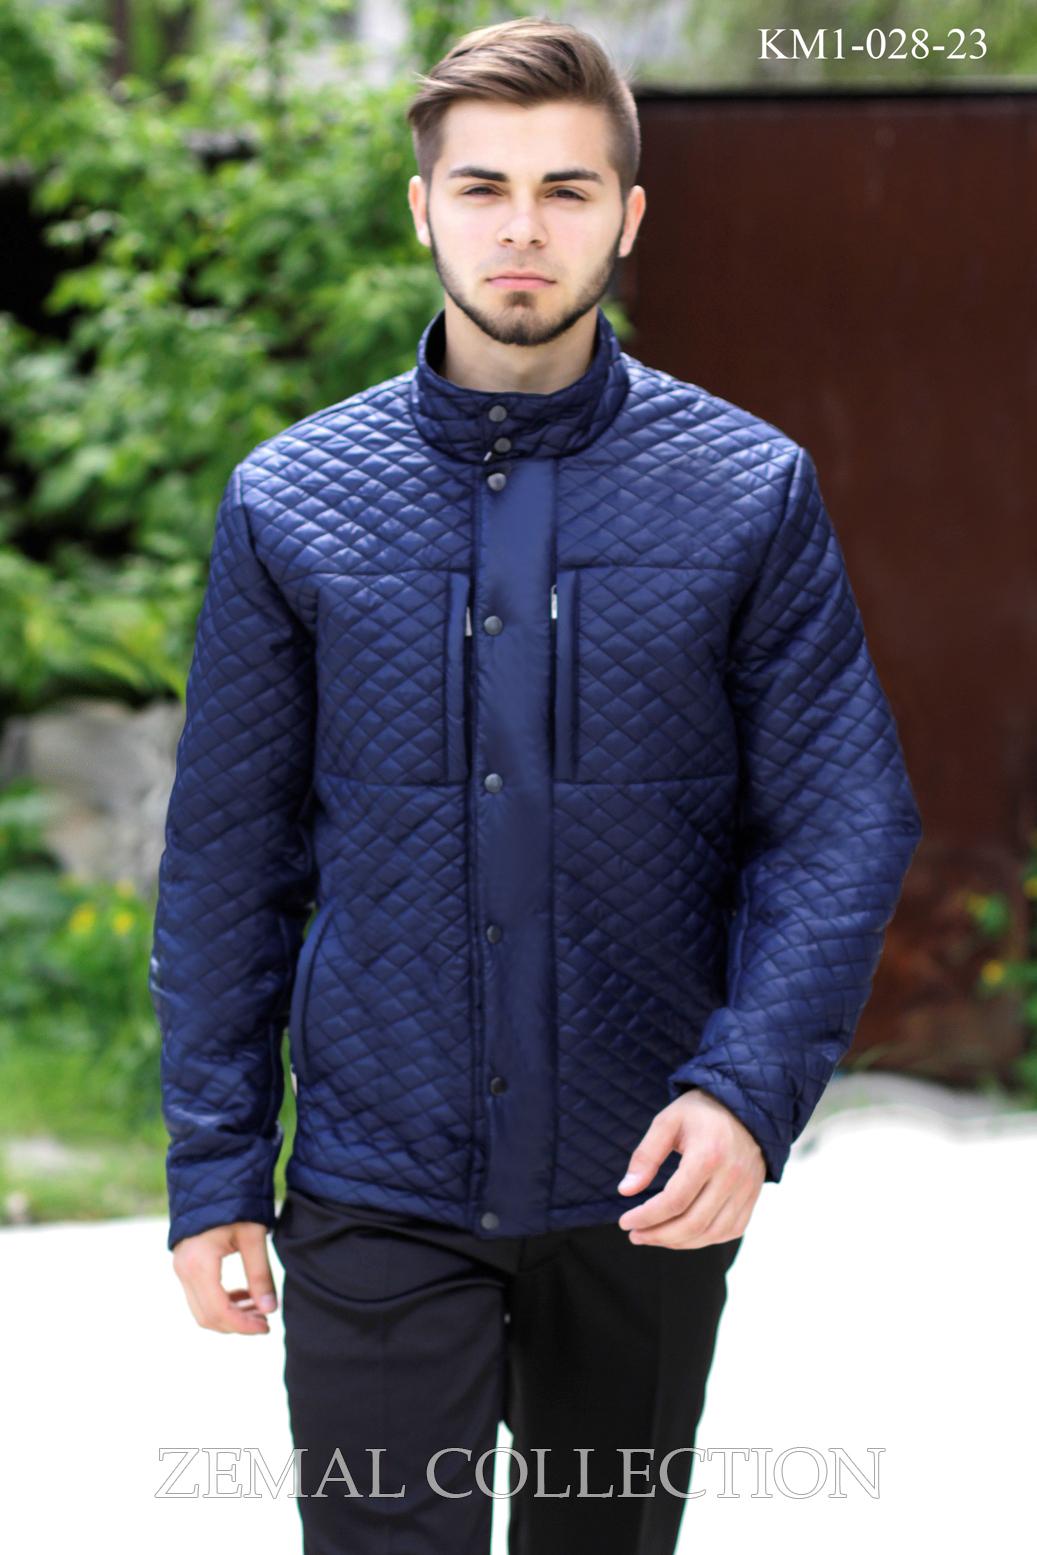 4637371deea Купить мужские куртки оптом в Украине - Zemal. Одна из лучших швейных фабрик  ...